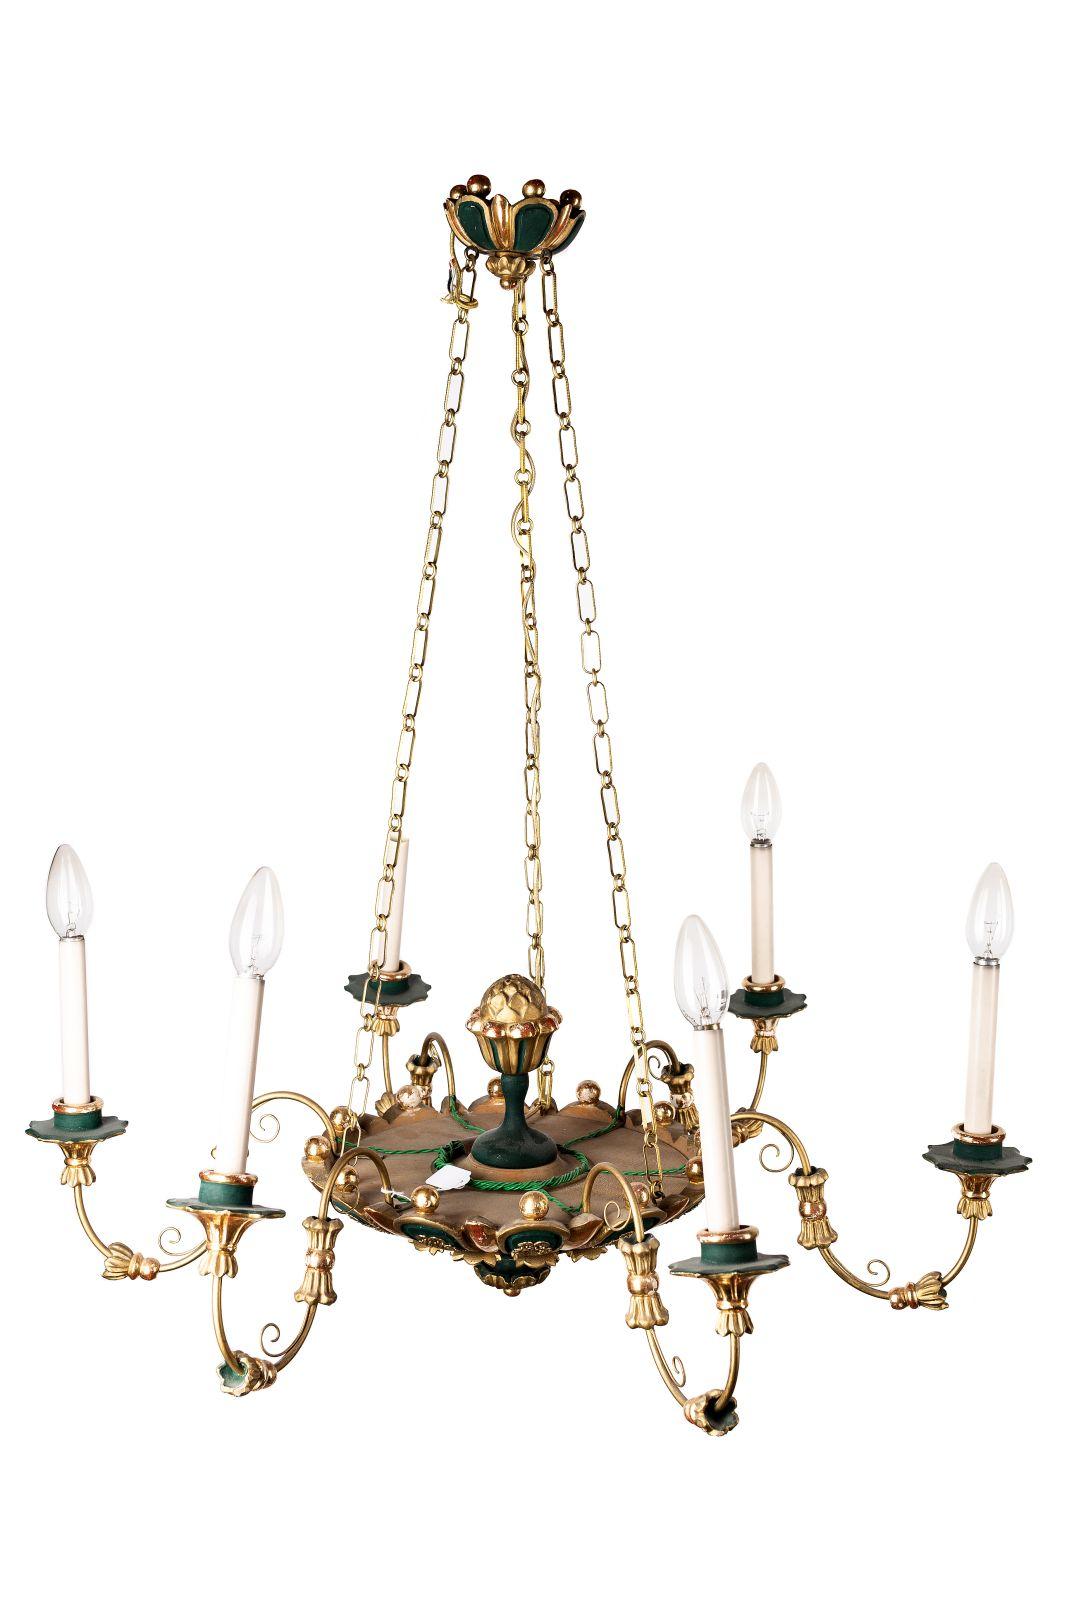 #169 6-armed Biedermeier chandelier | 6-armiger Biedermeier Luster Image